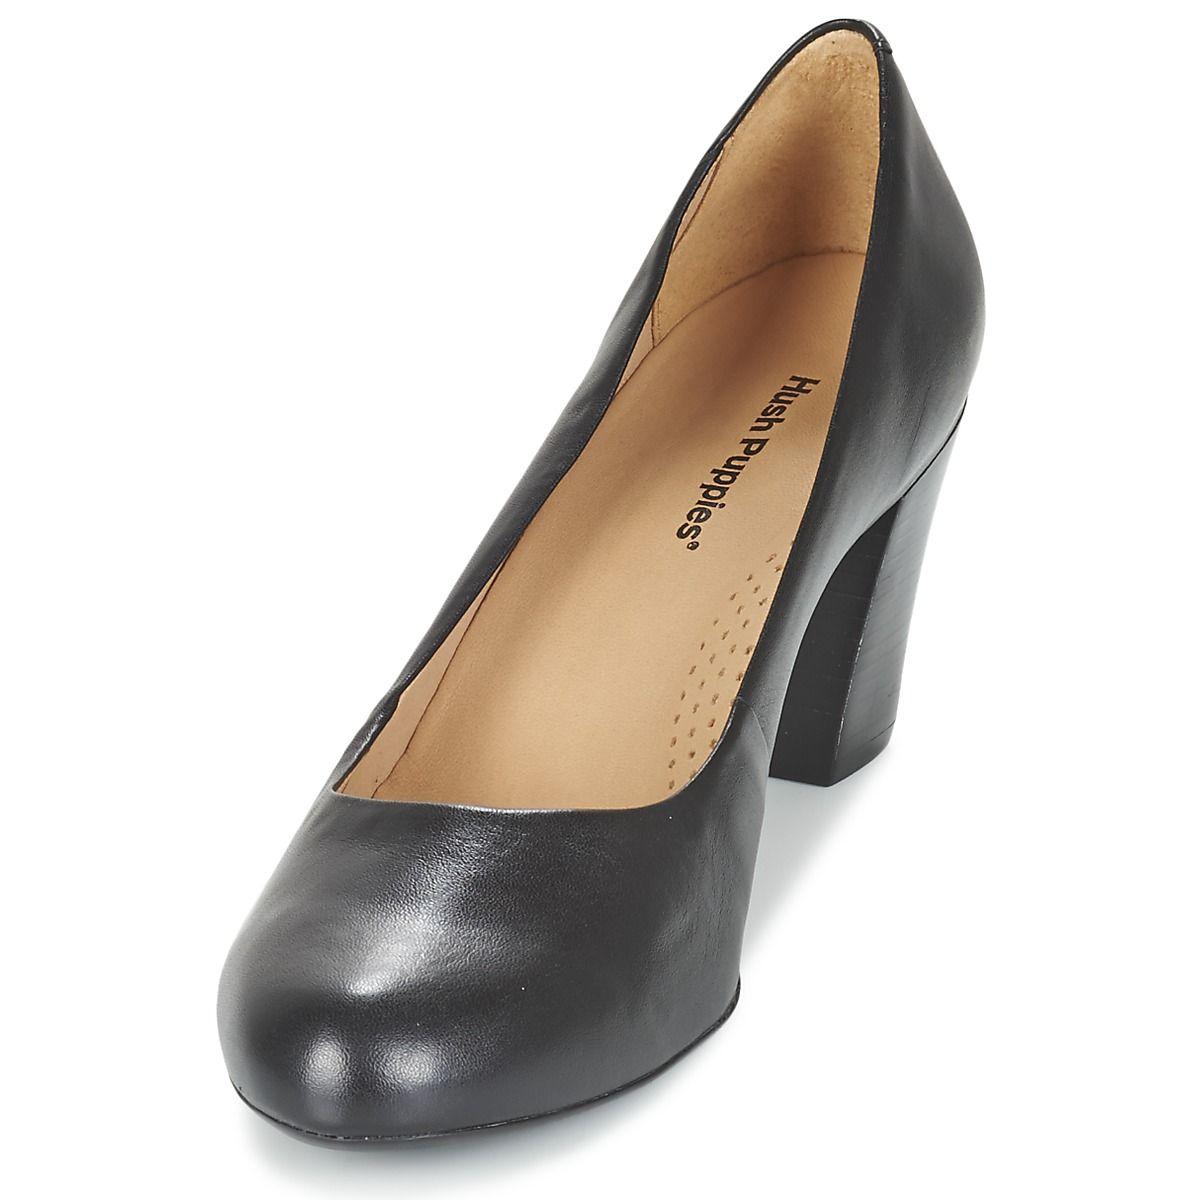 Modelos De Zapatos Hush Puppies Mujer Modelos De Zapatos